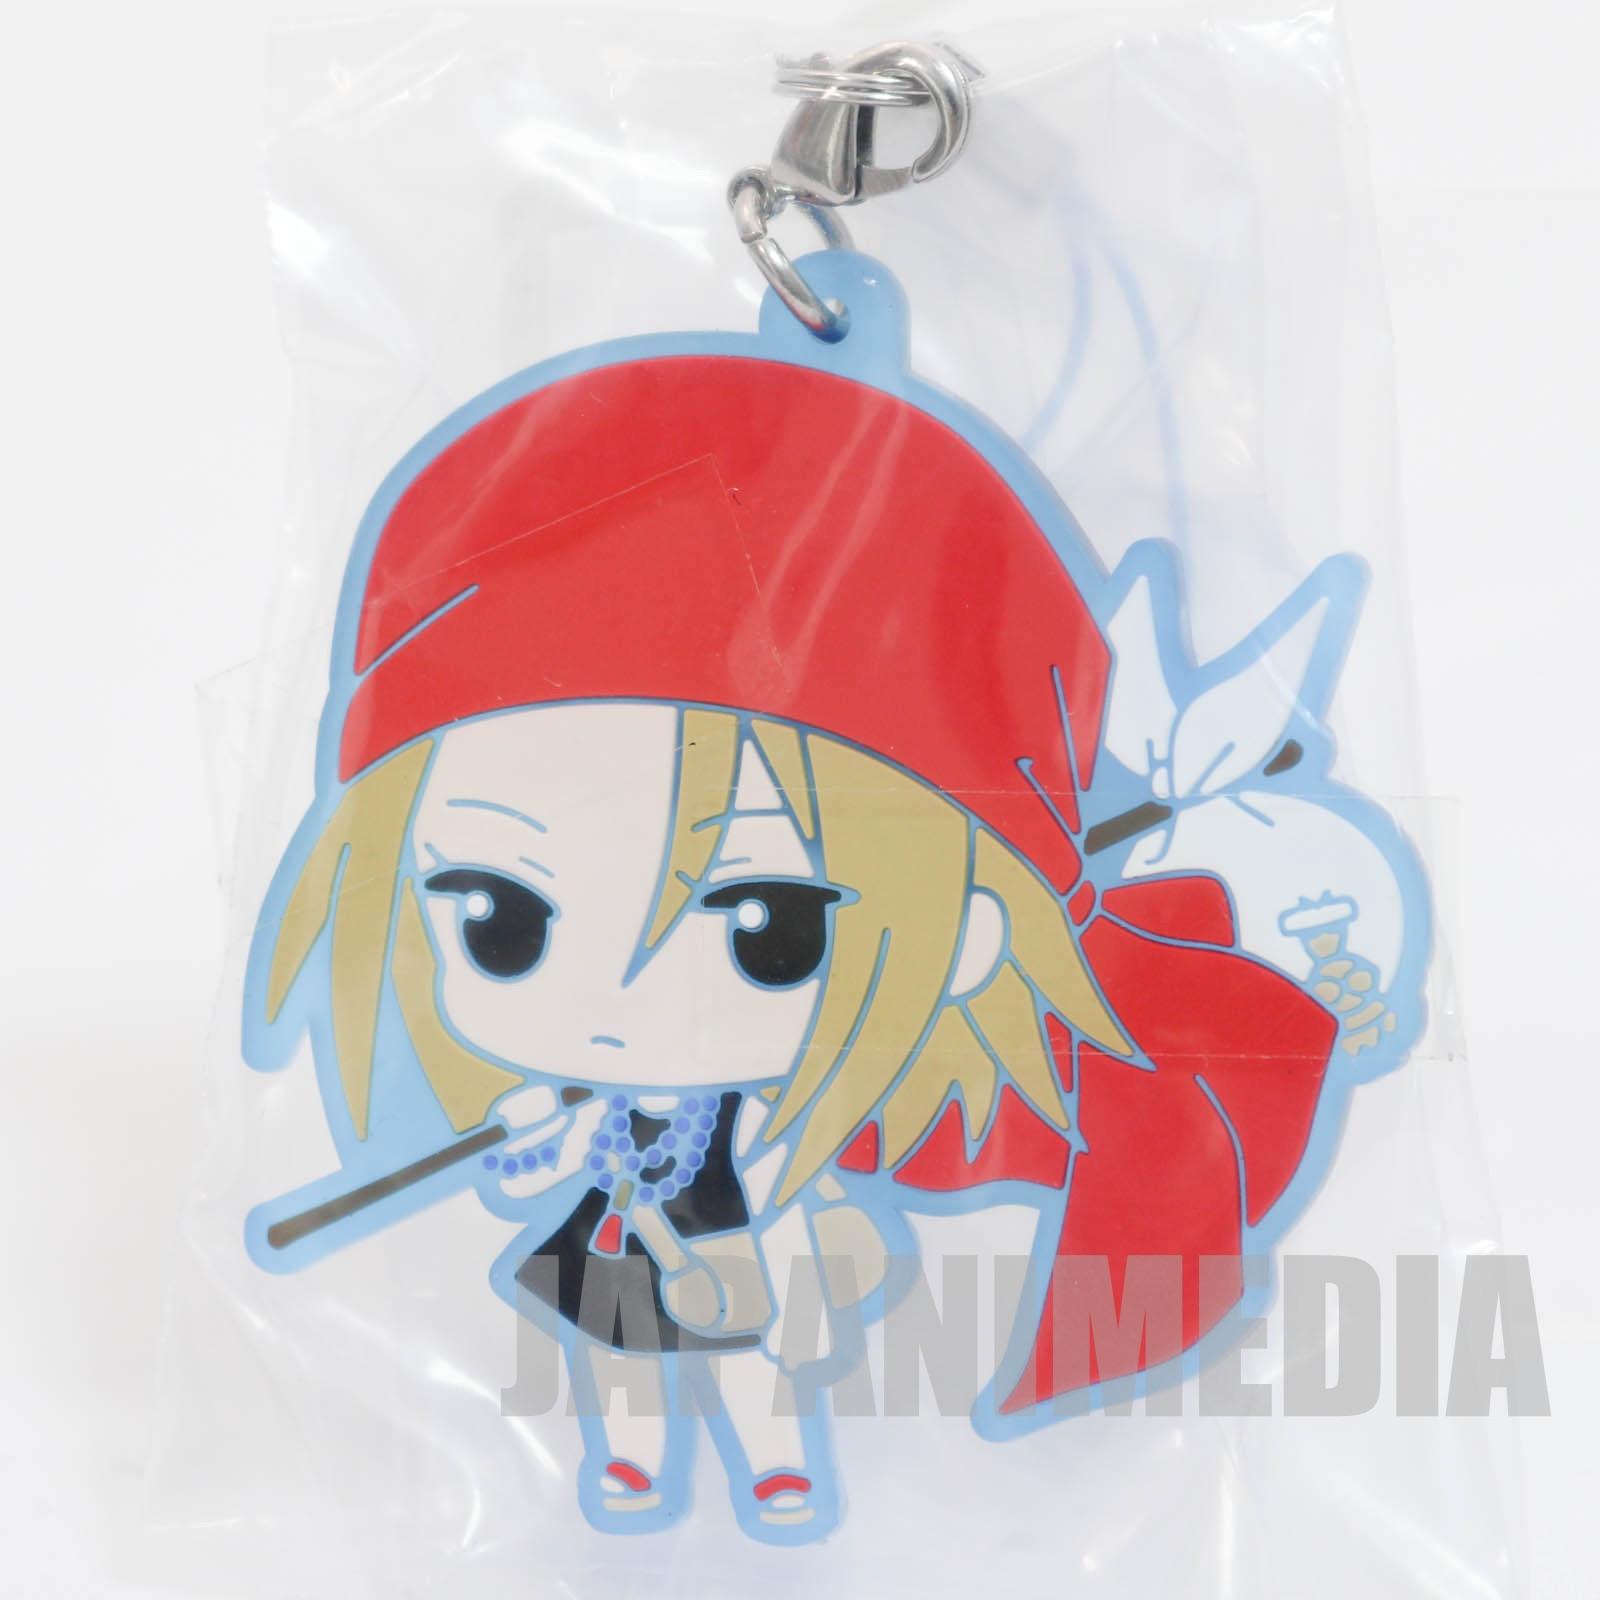 Shaman King Anna Kyoyama Capsule Rubber mascot strap 3 JAPAN MANGA